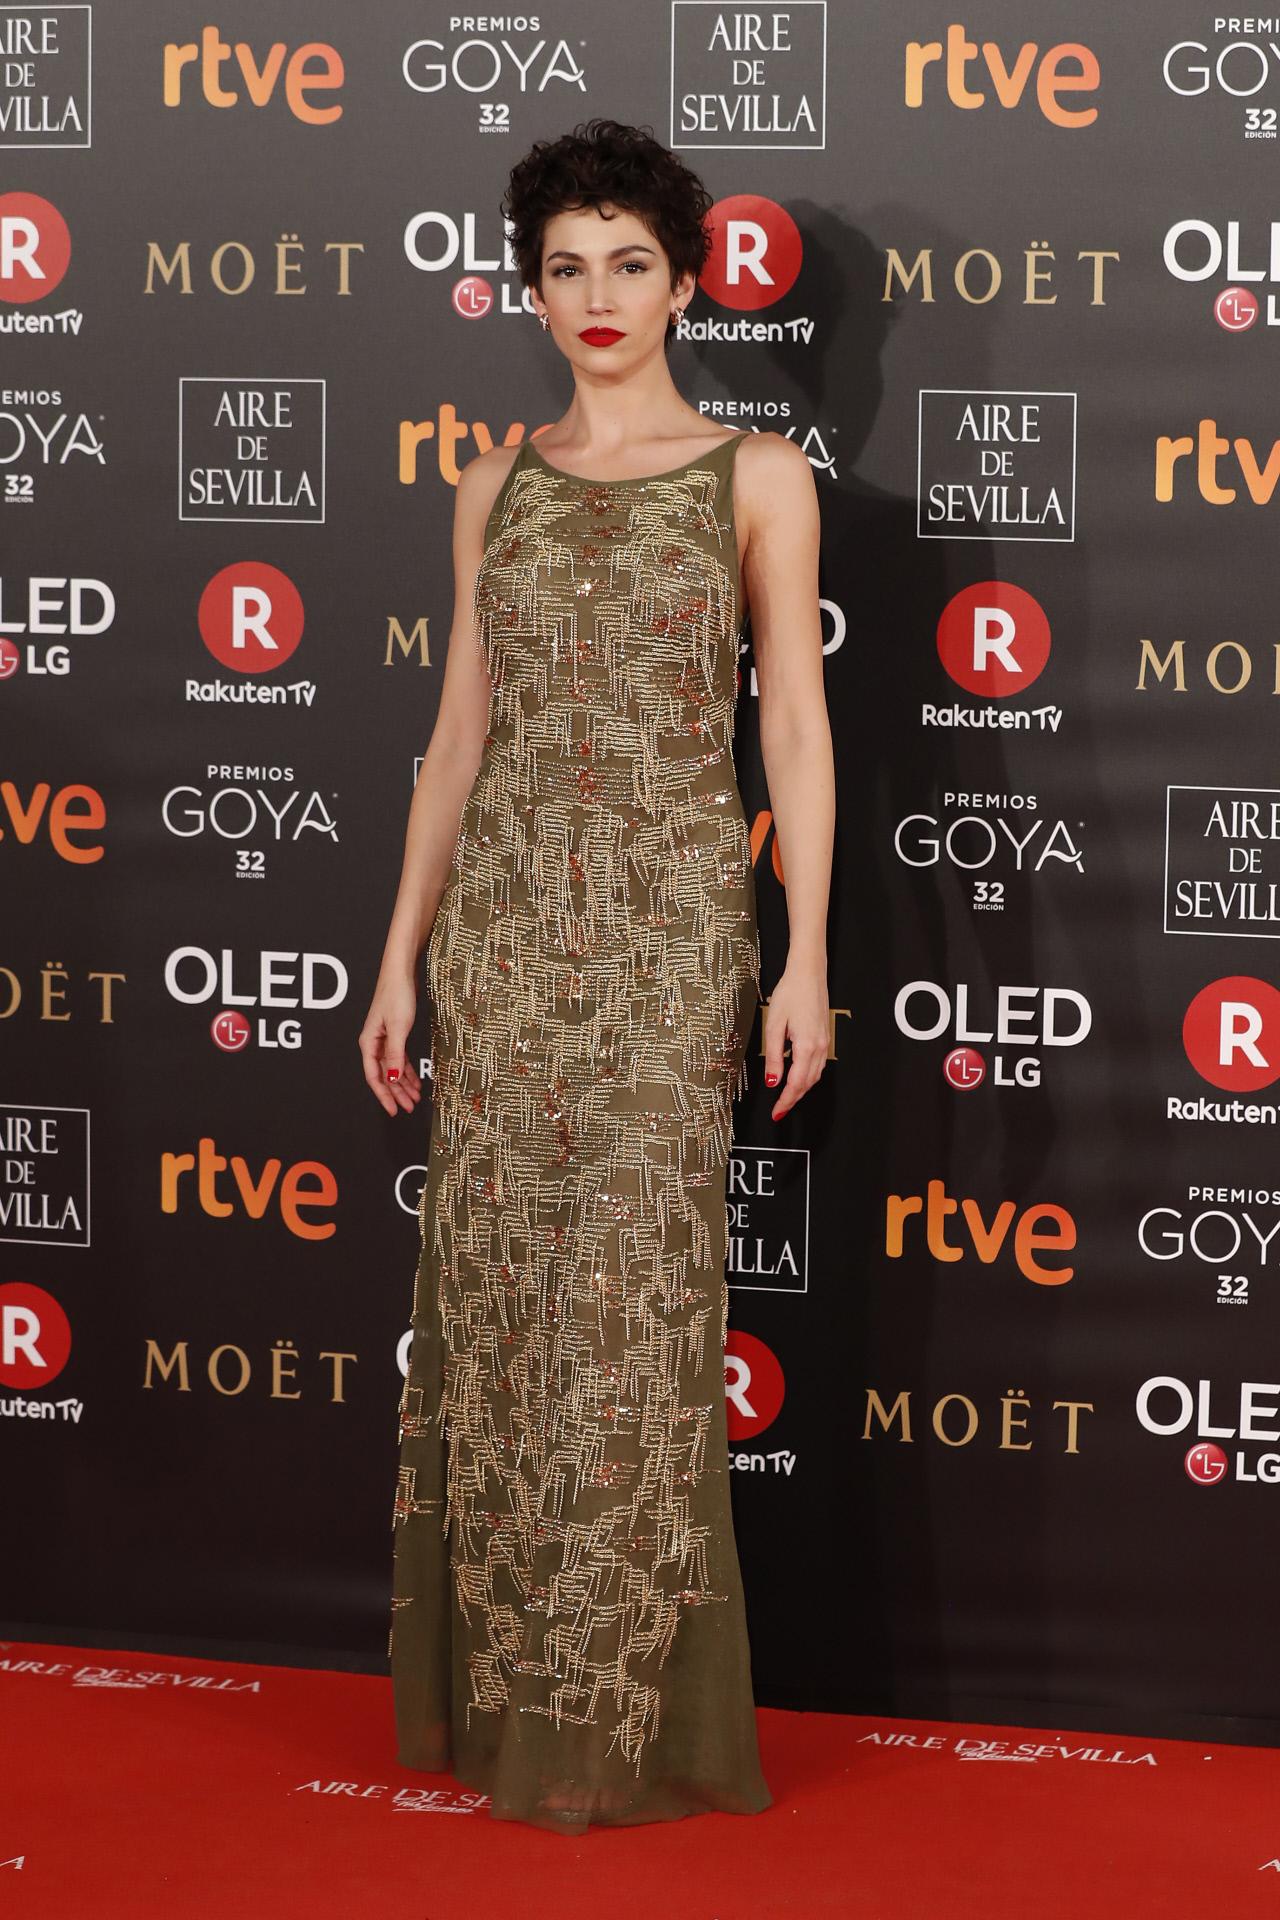 Úrsula Corberó en la alfombra roja de los Goya 2018.